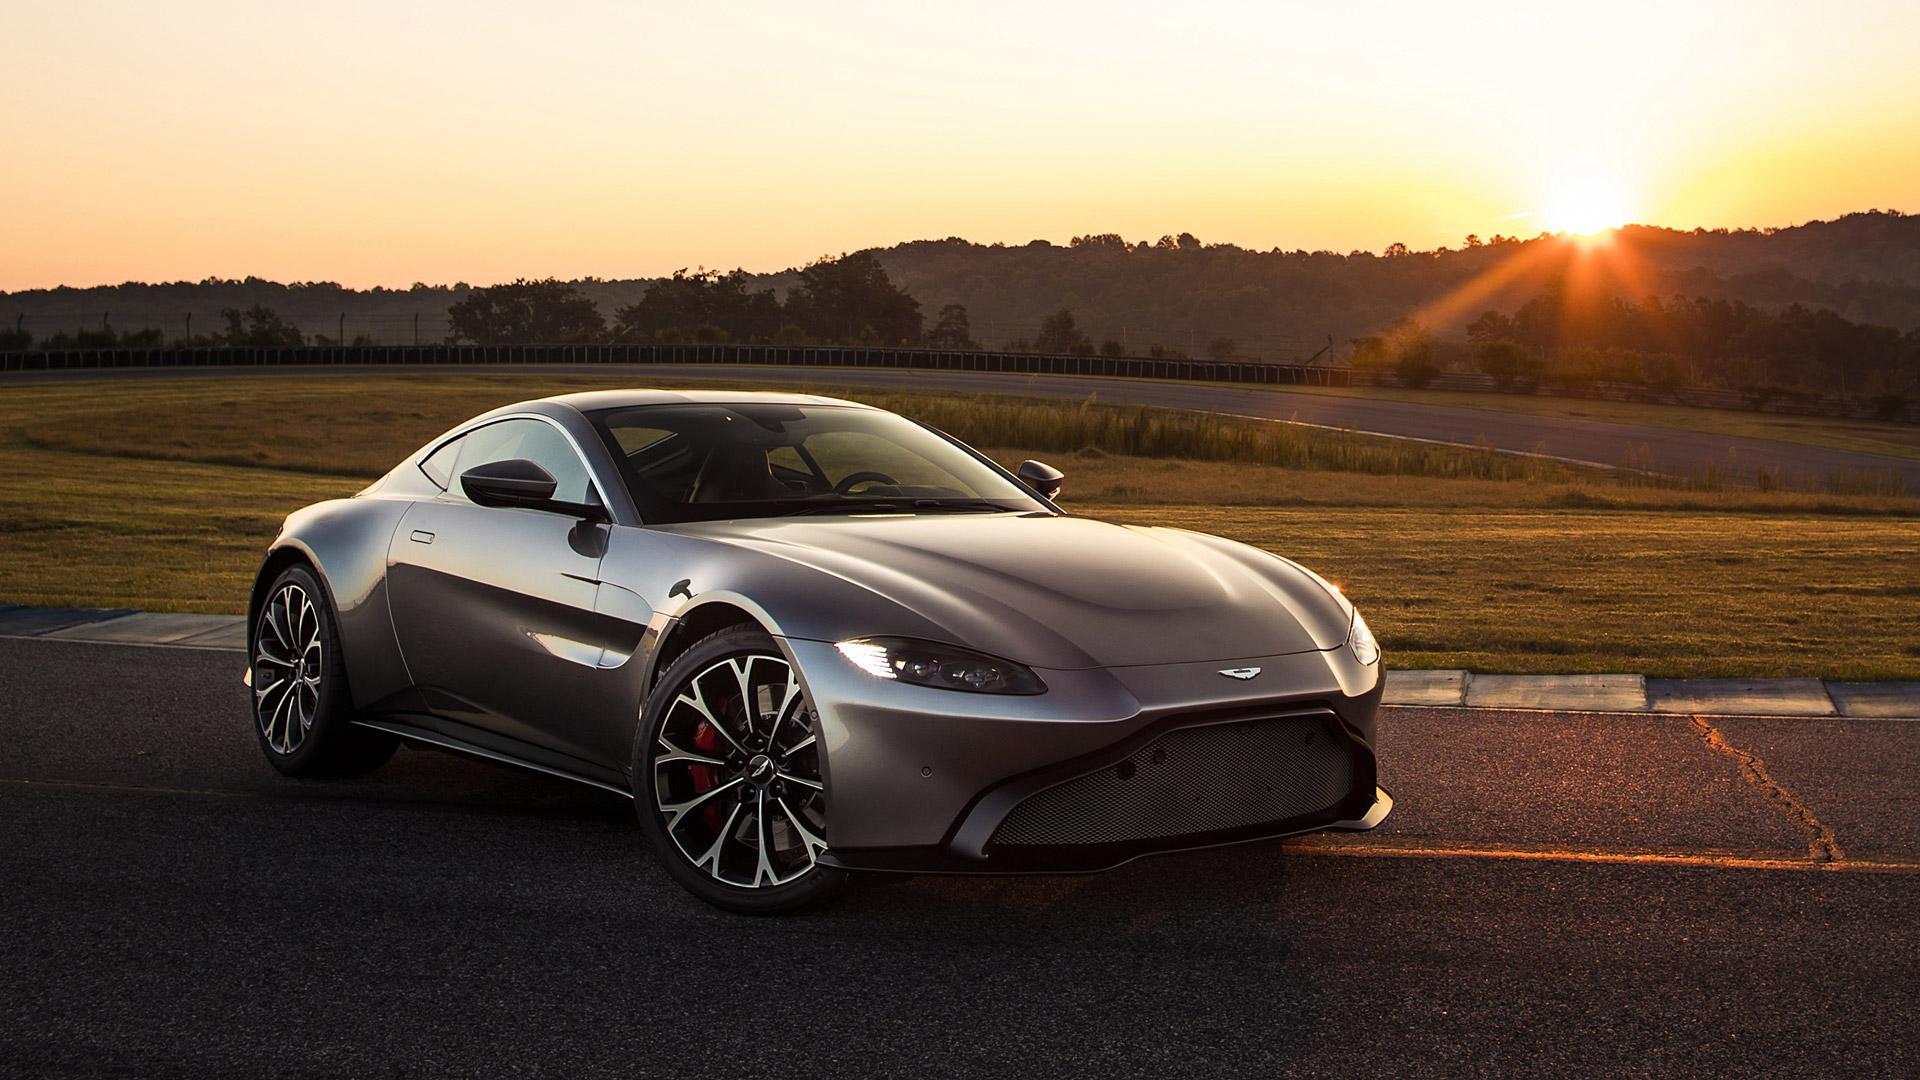 33 Aston Martin Vantage Wallpapers On Wallpapersafari